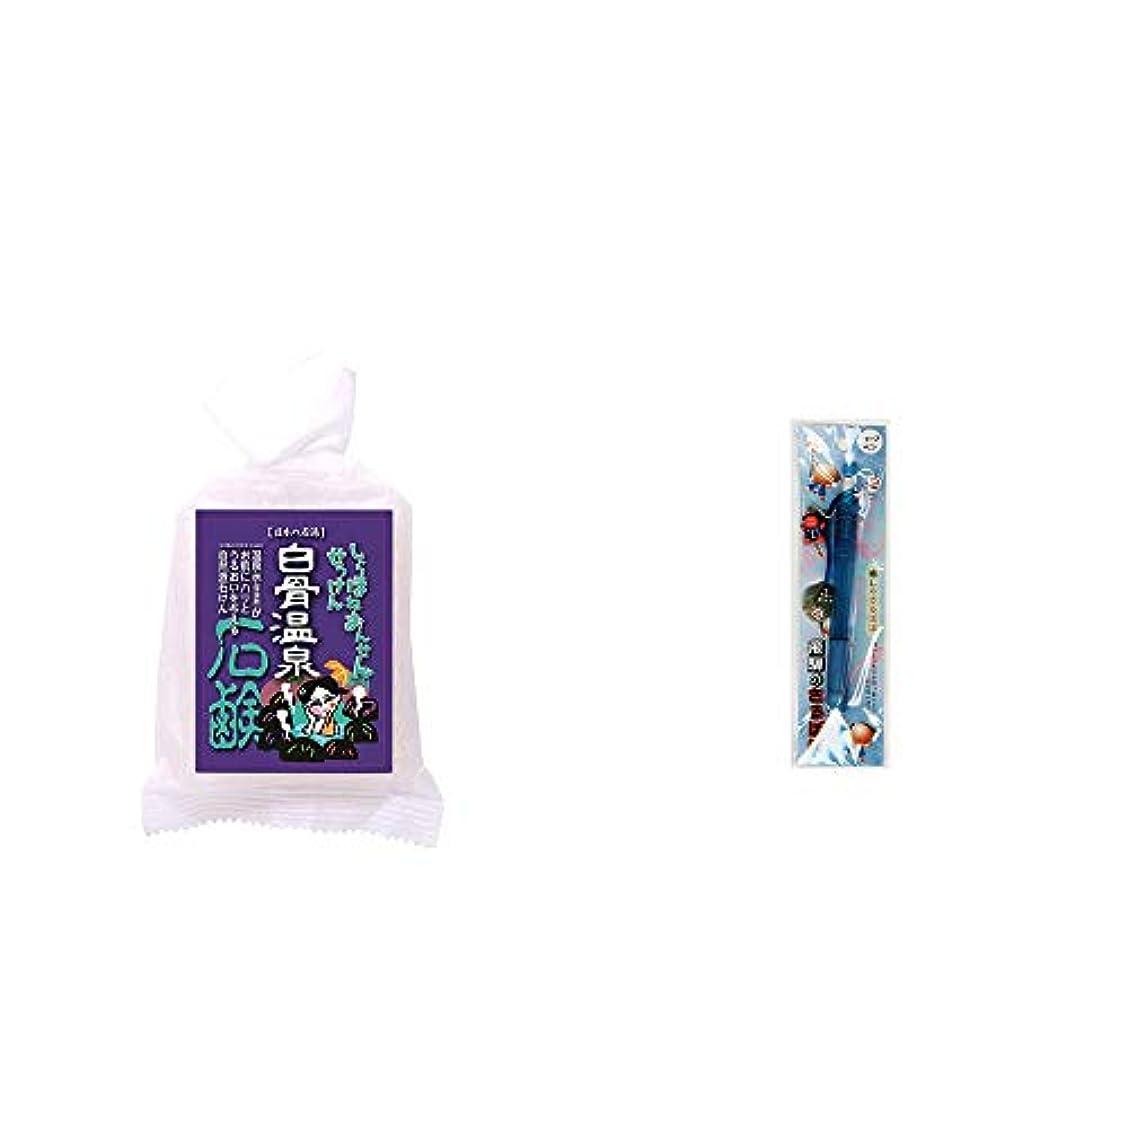 強調にやにやハーブ[2点セット] 信州 白骨温泉石鹸(80g)?さるぼぼ 癒しシャープペン 【ブルー】